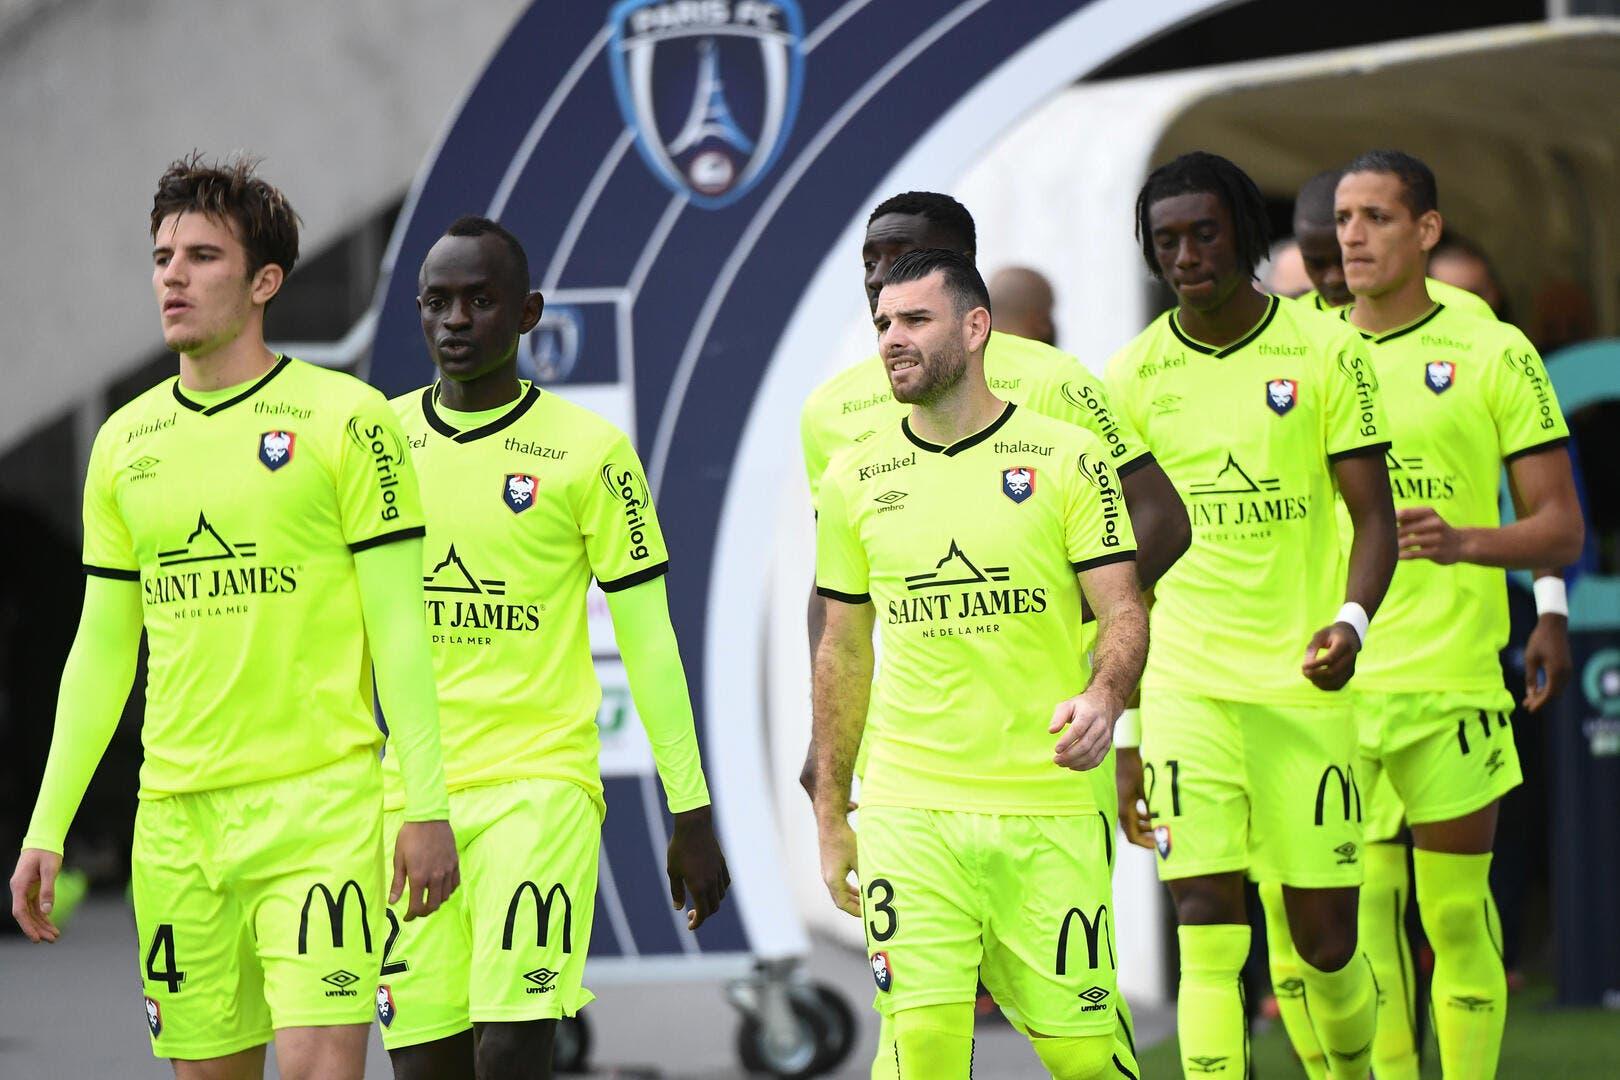 Polémique : Une « agression » enflamme la Ligue 2 - Foot 01 - Foot01.com